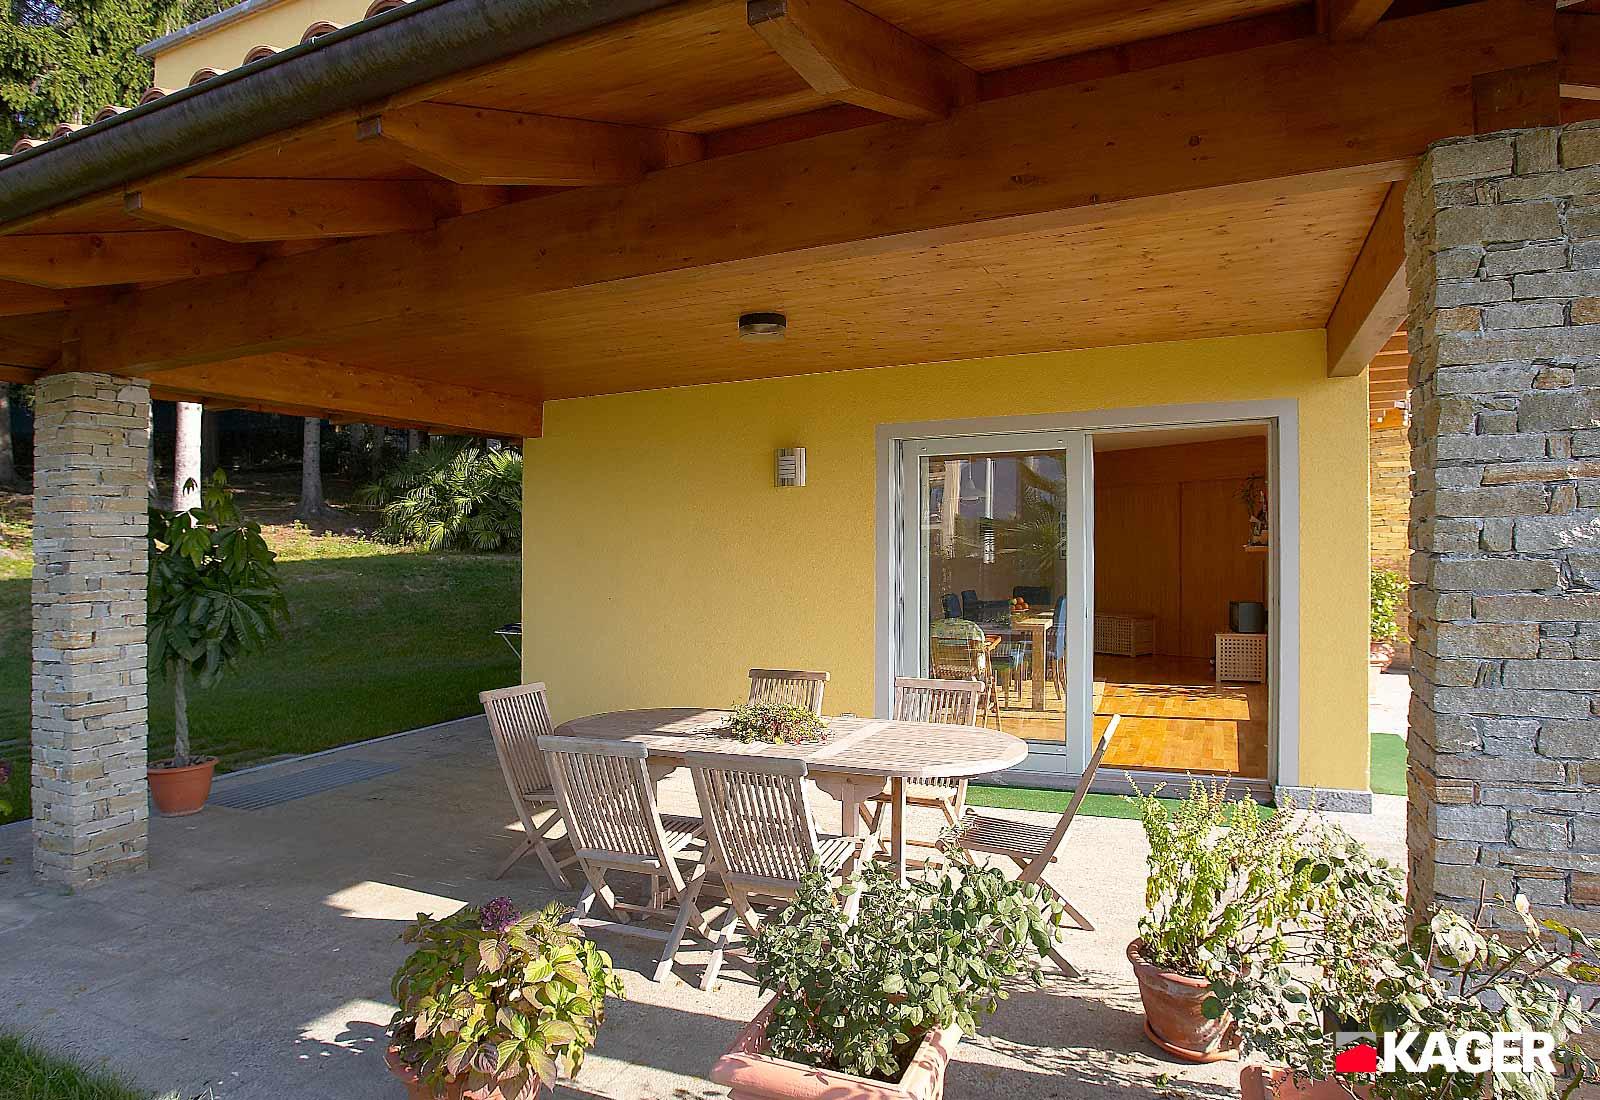 Casa-in-legno-Verbania-Kager-Italia-05